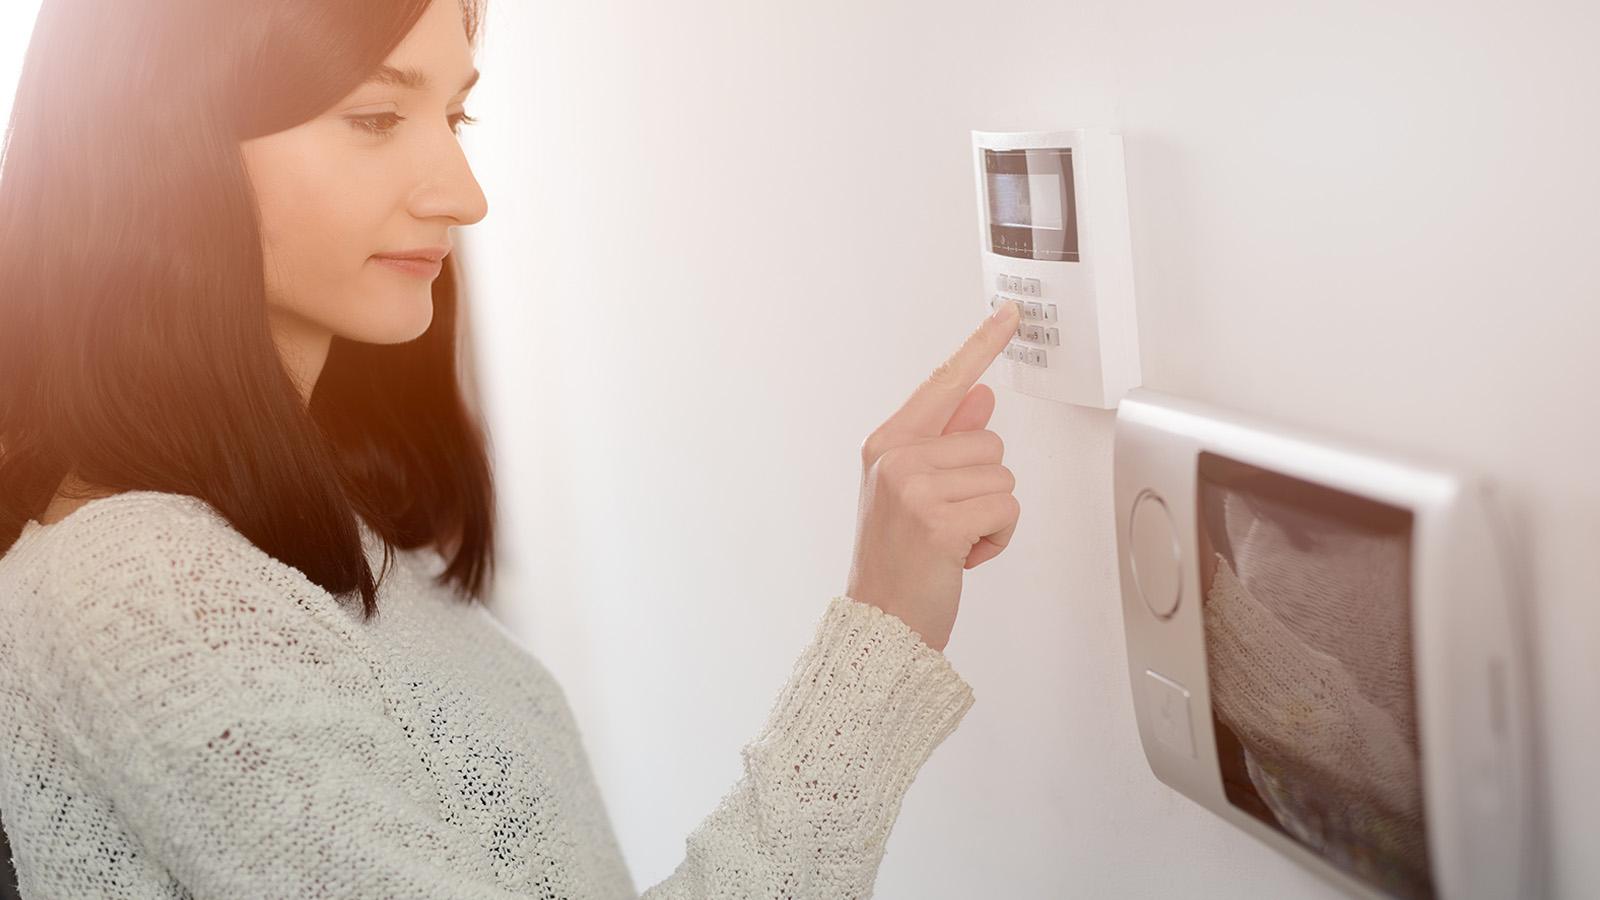 Detrazioni per sistemi di sicurezza si recupera l 39 intera - Installazione allarme casa ...